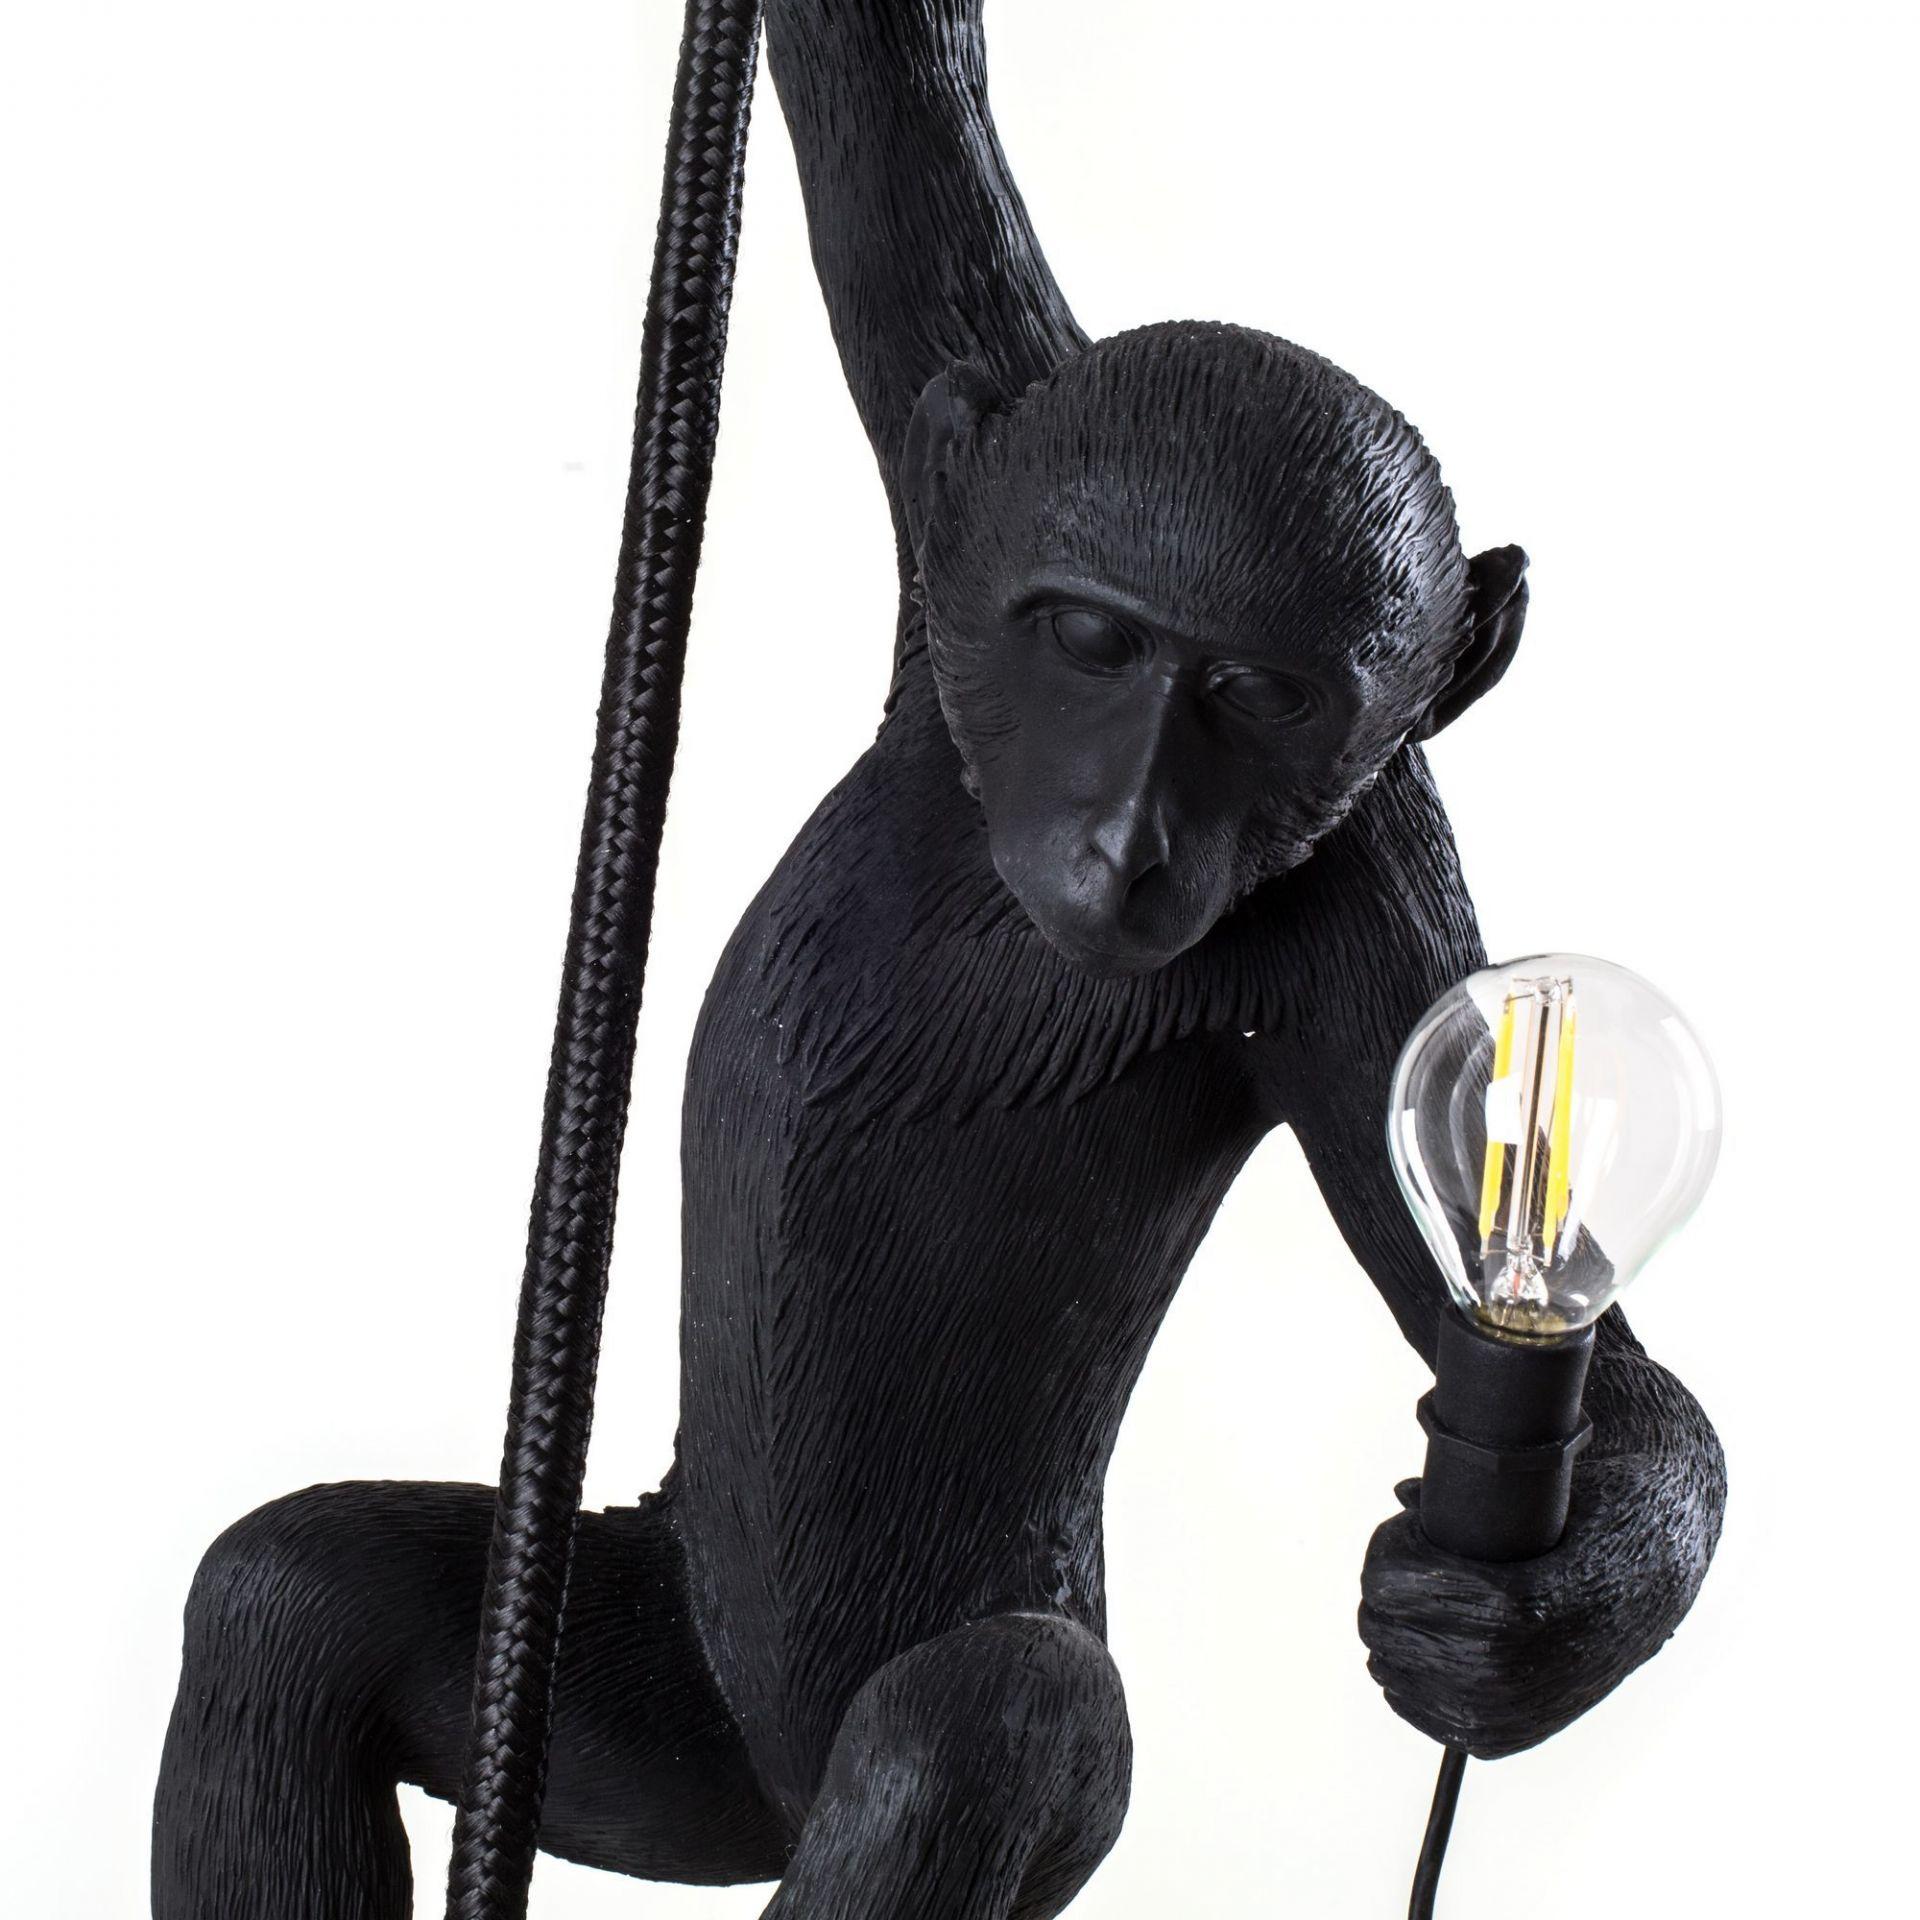 LED Leuchtmittel für Monkey Lamp INDOOR Leuchten (mit Schalter) Seletti